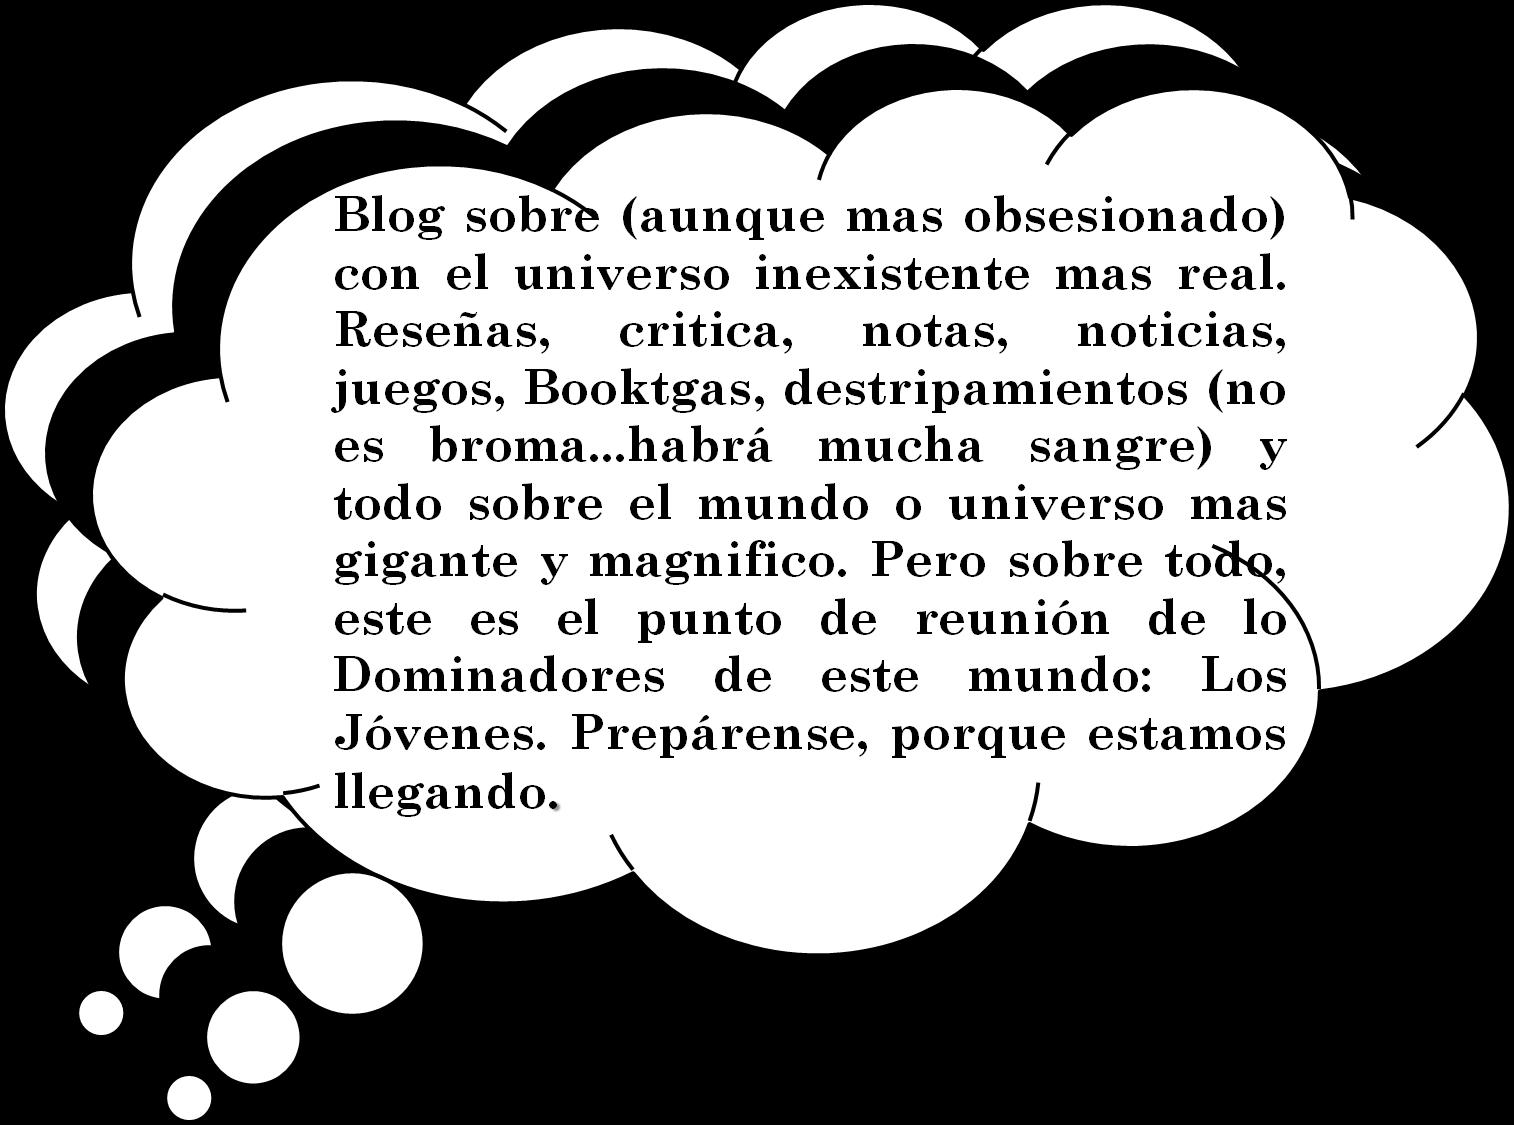 Sobre el blog: